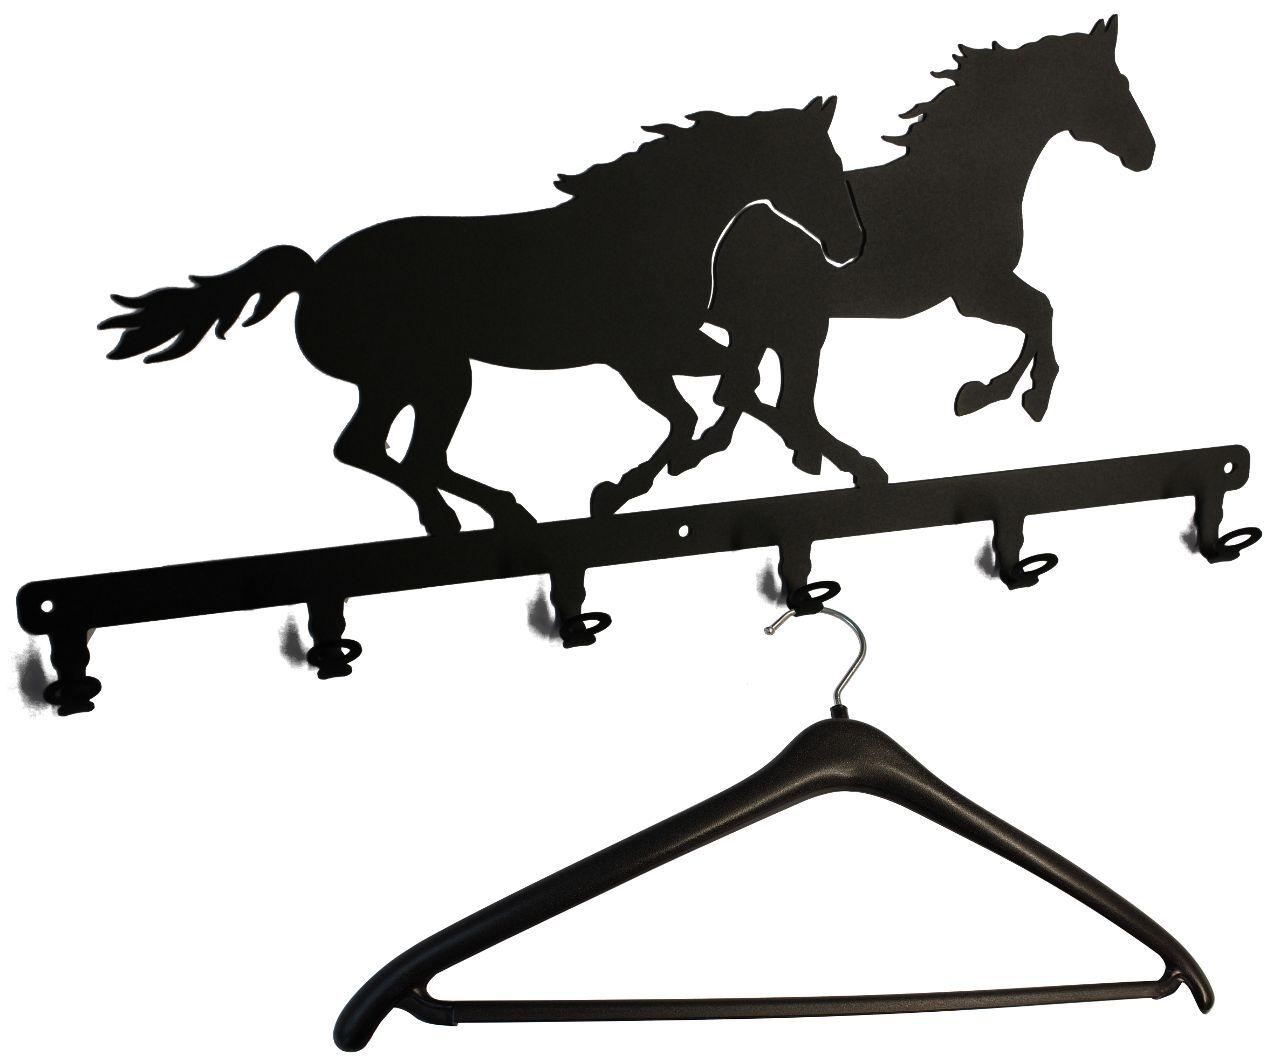 Wandgarderobe Garderobe - - - Rennpferde - Flurgarderobe Pferd - Garderobenhaken 5ffdd0